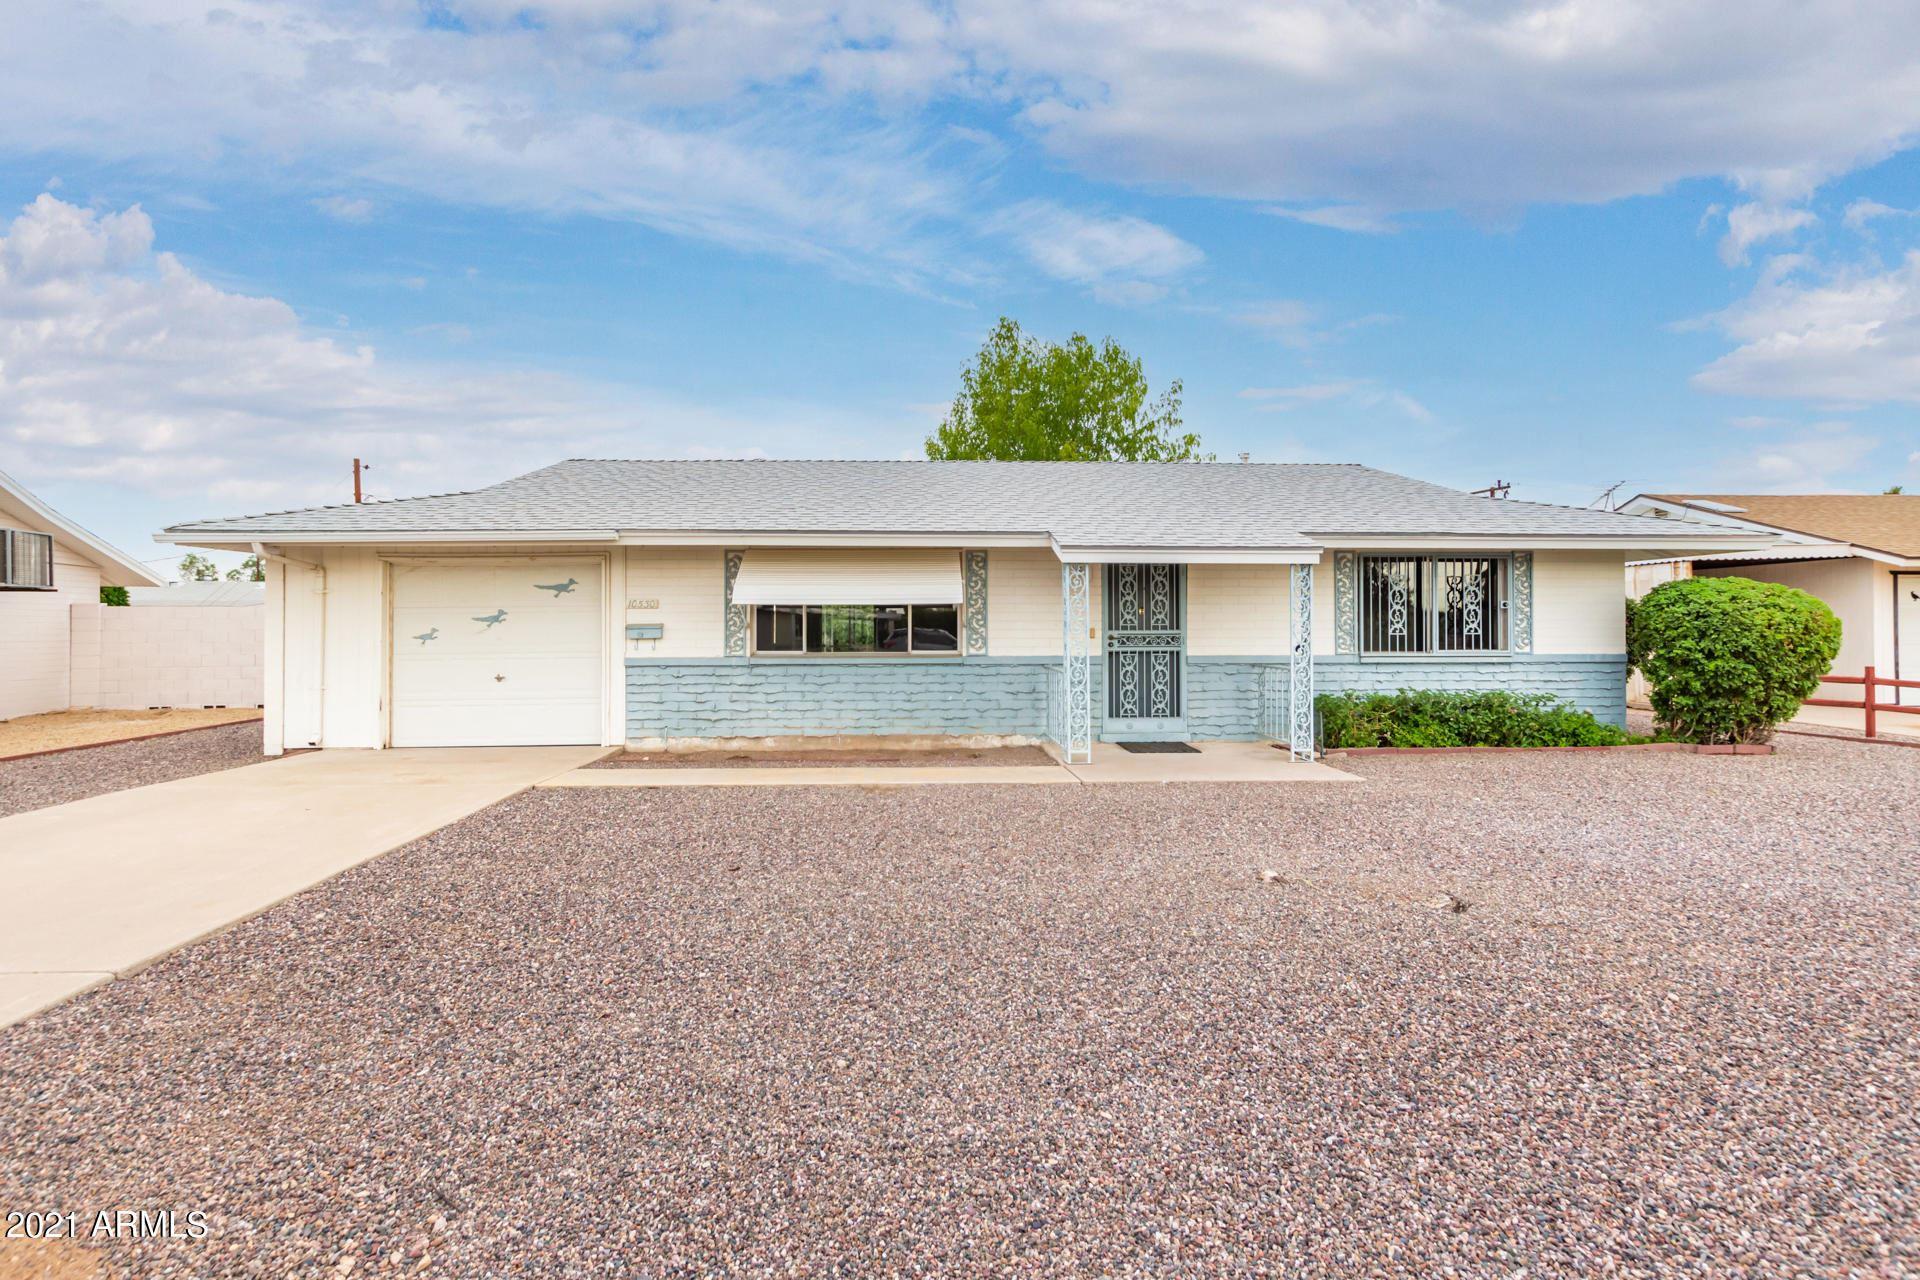 Photo of 10530 W Desert Hills Court, Sun City, AZ 85351 (MLS # 6268138)